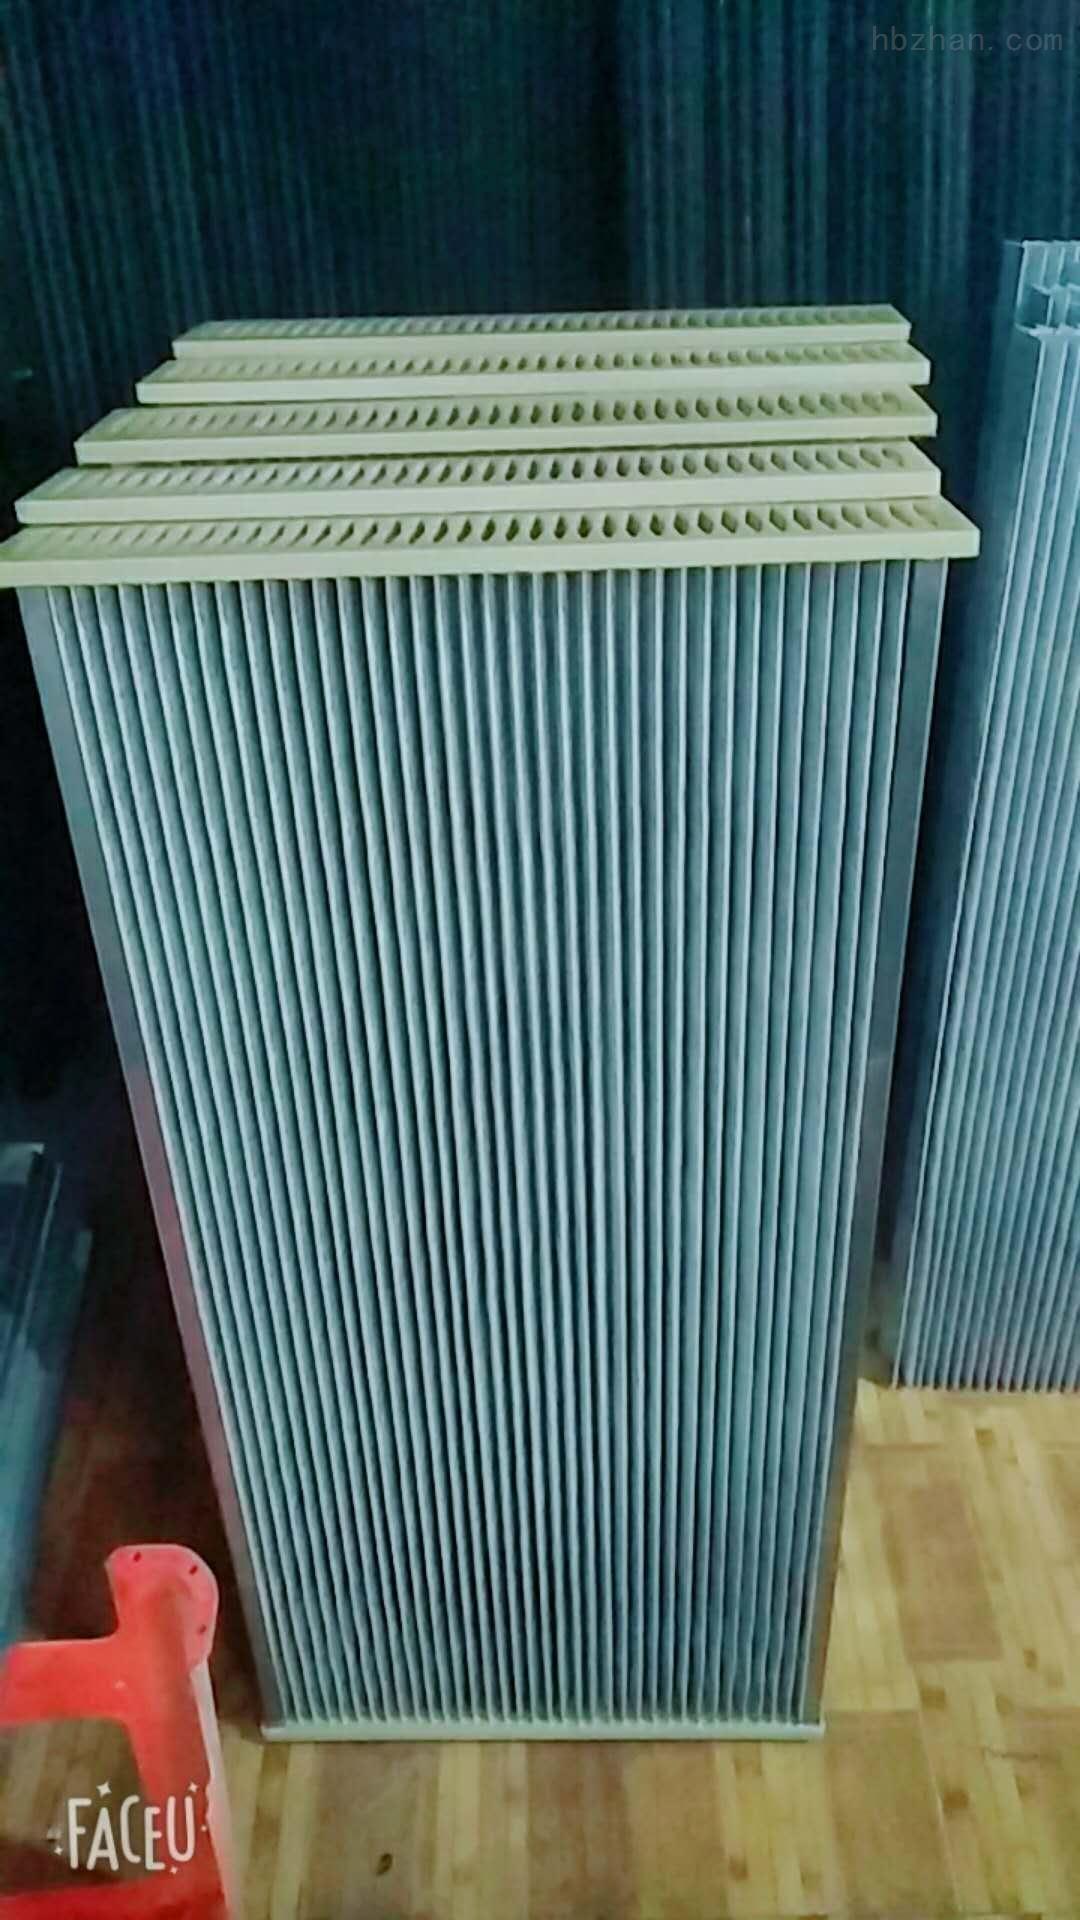 庆阳DFM40PP005A01滤芯厂家